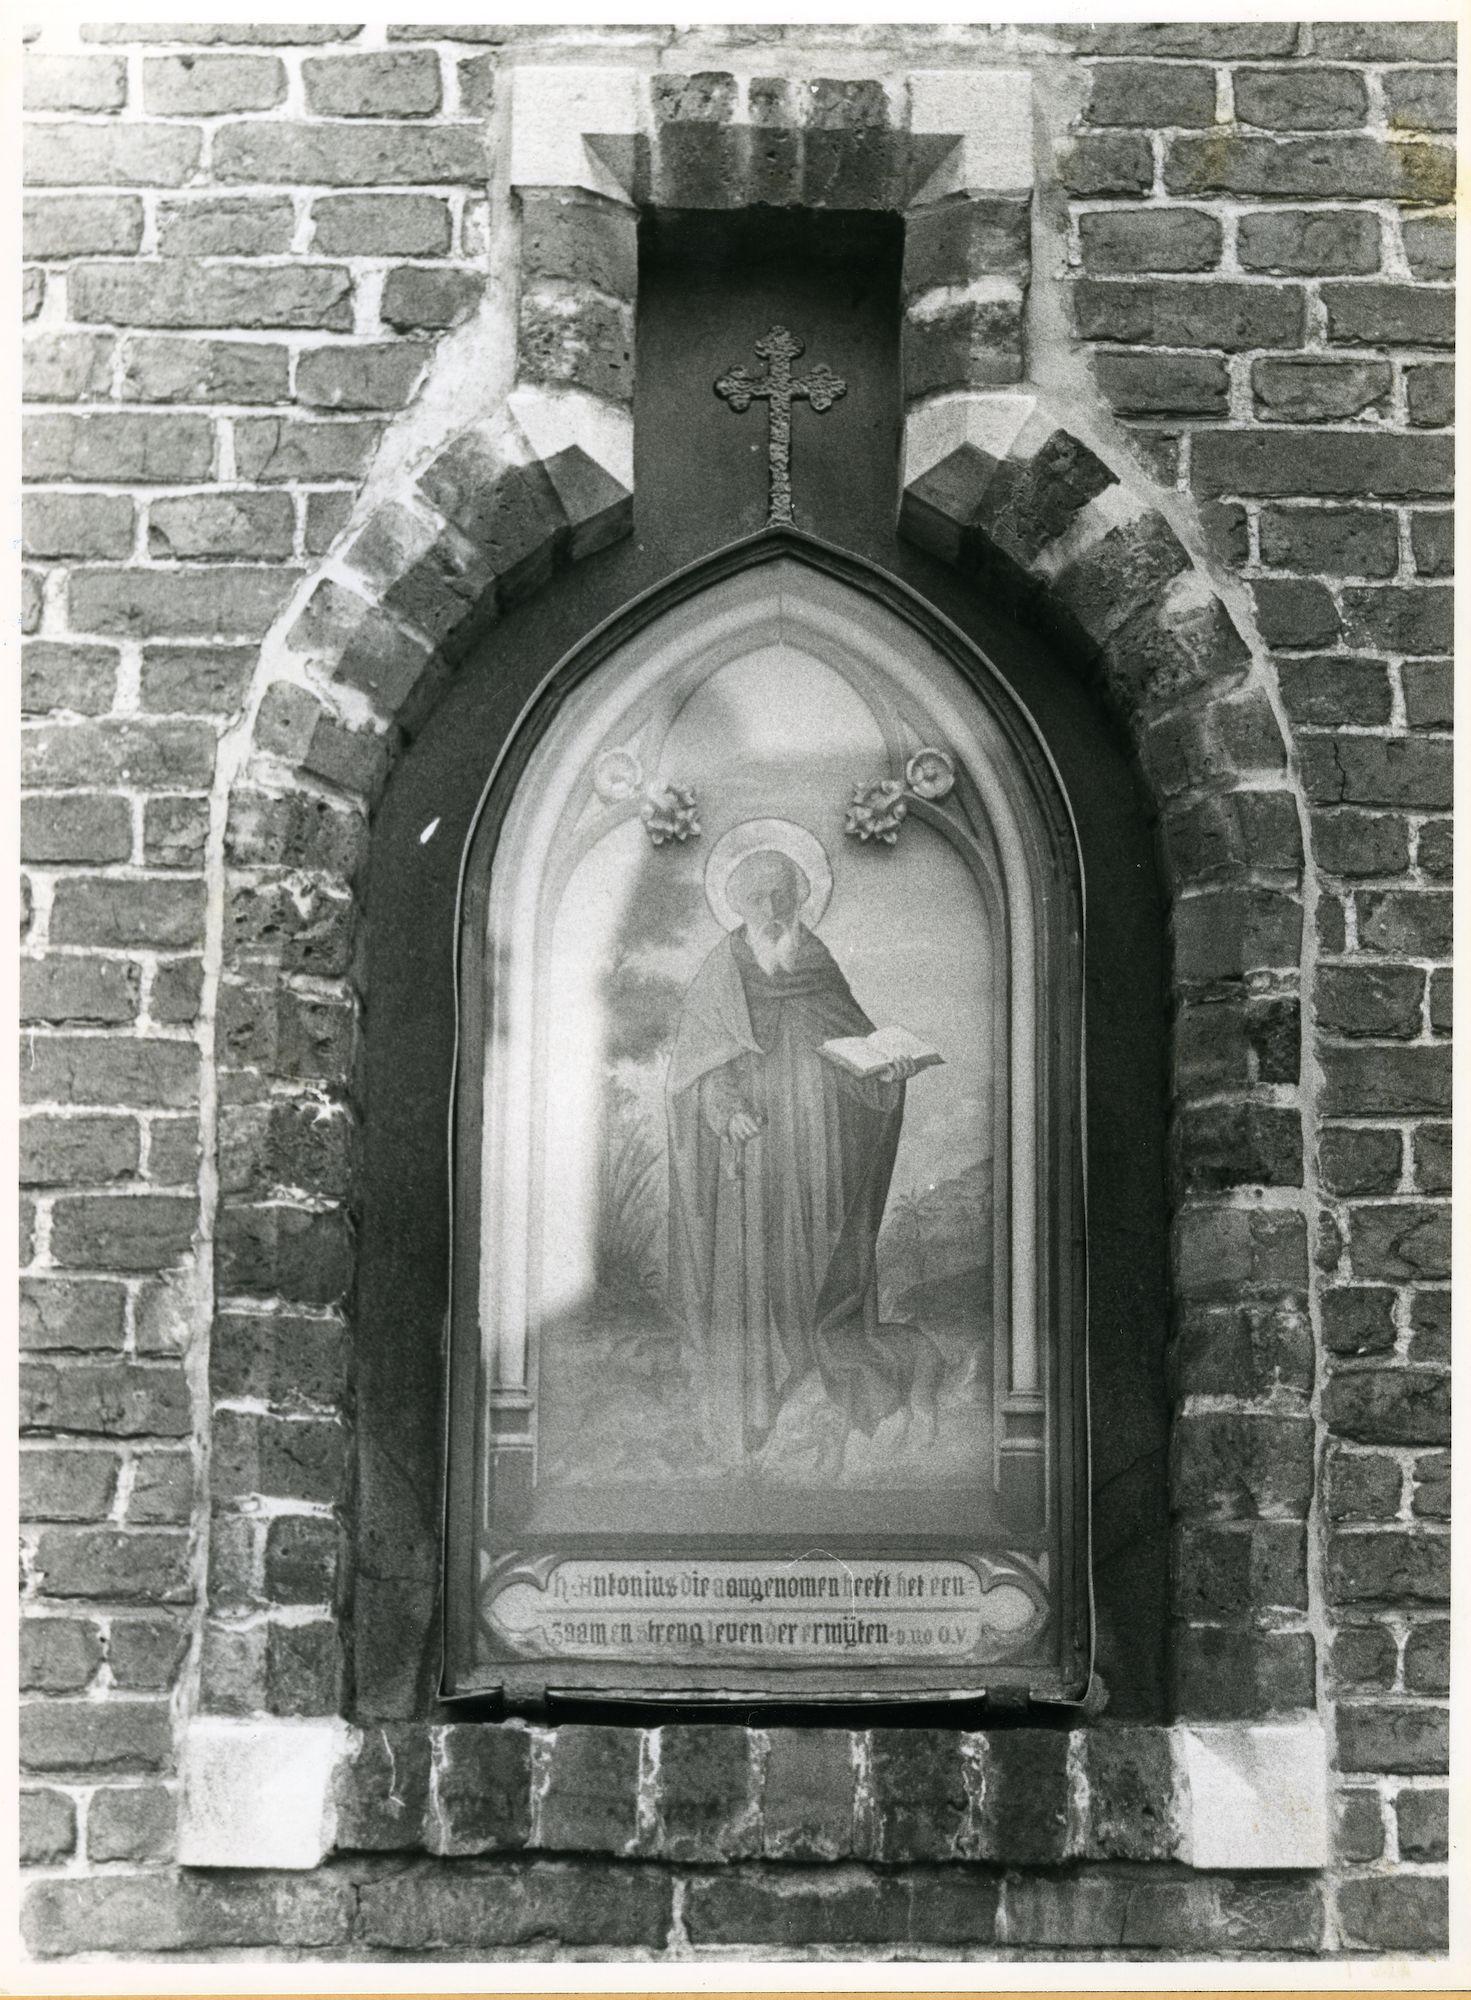 Sint-Denijs-Westrem: Kerkdreef: Staties, 1979